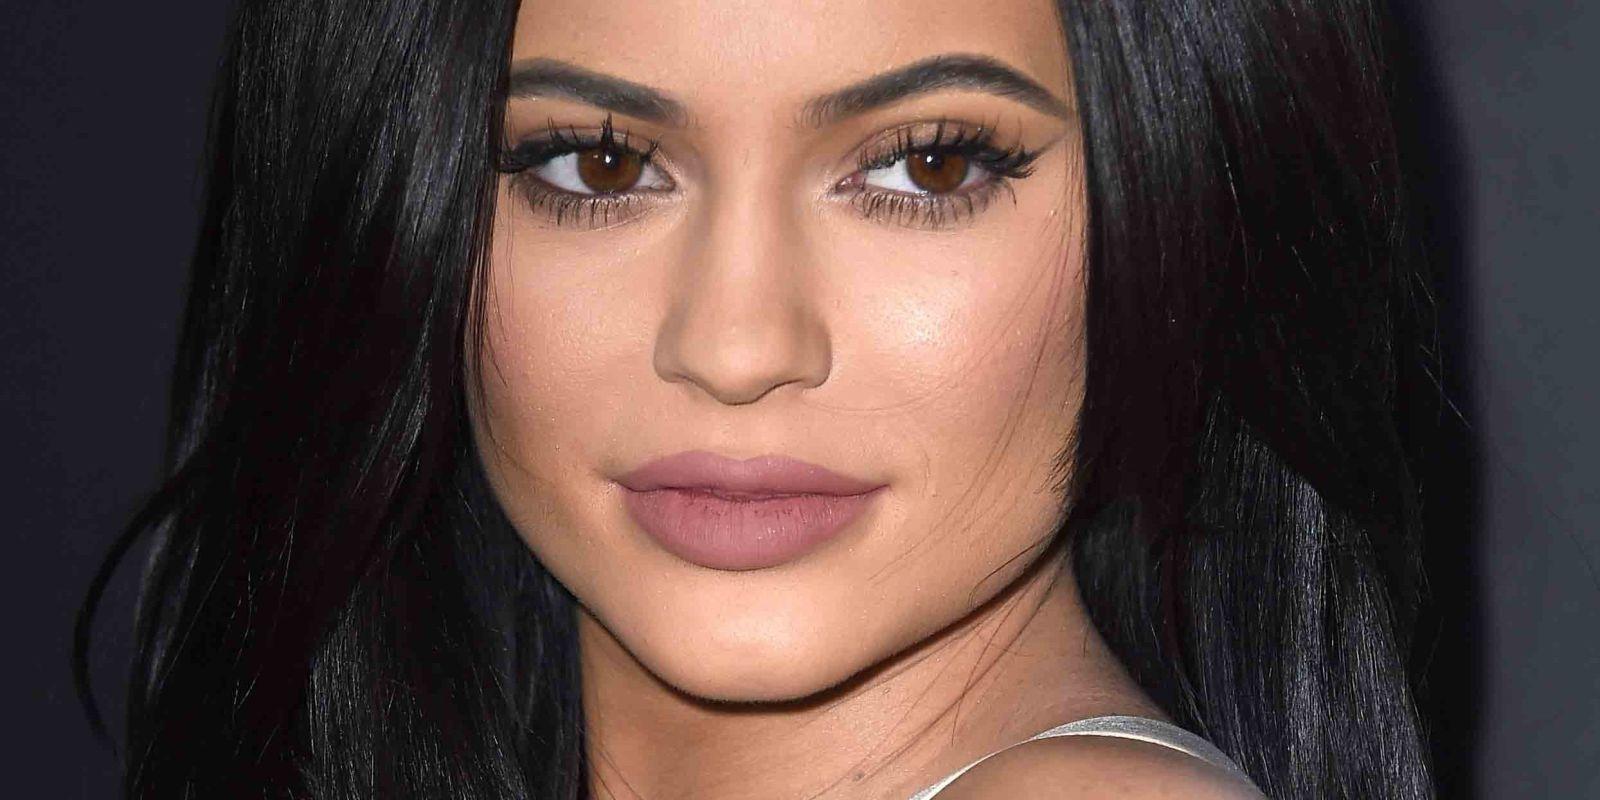 Kylie Jenner'ın Makyajsız Hali Görenleri Şoke Etti! - 1